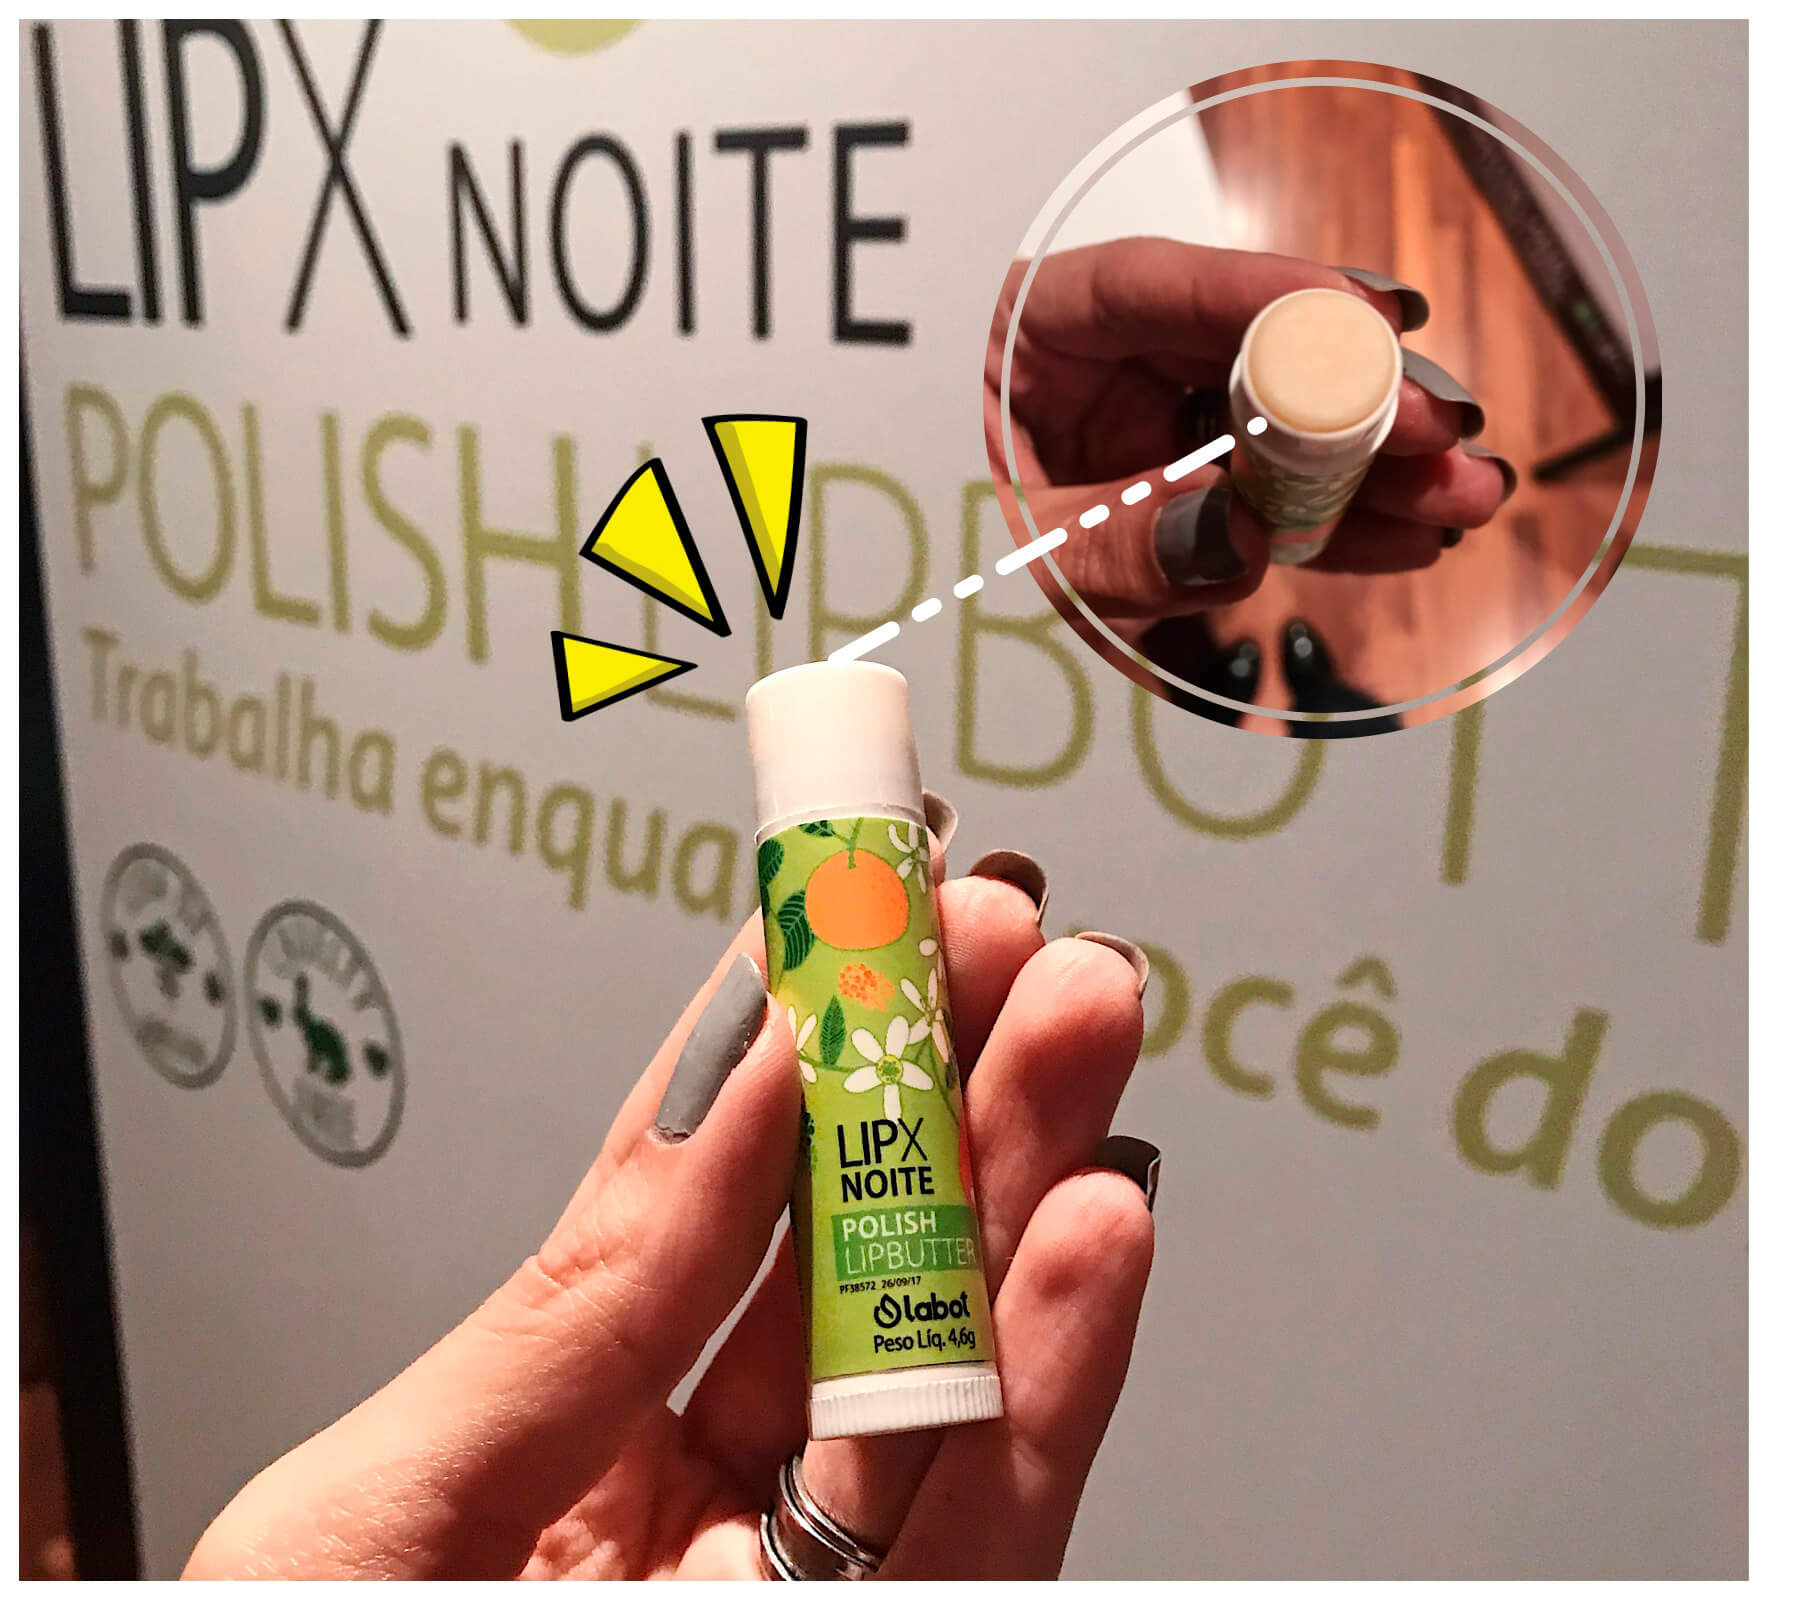 Lançamentos Sephora de Labot, a linha LipX, cuidado labial noturno